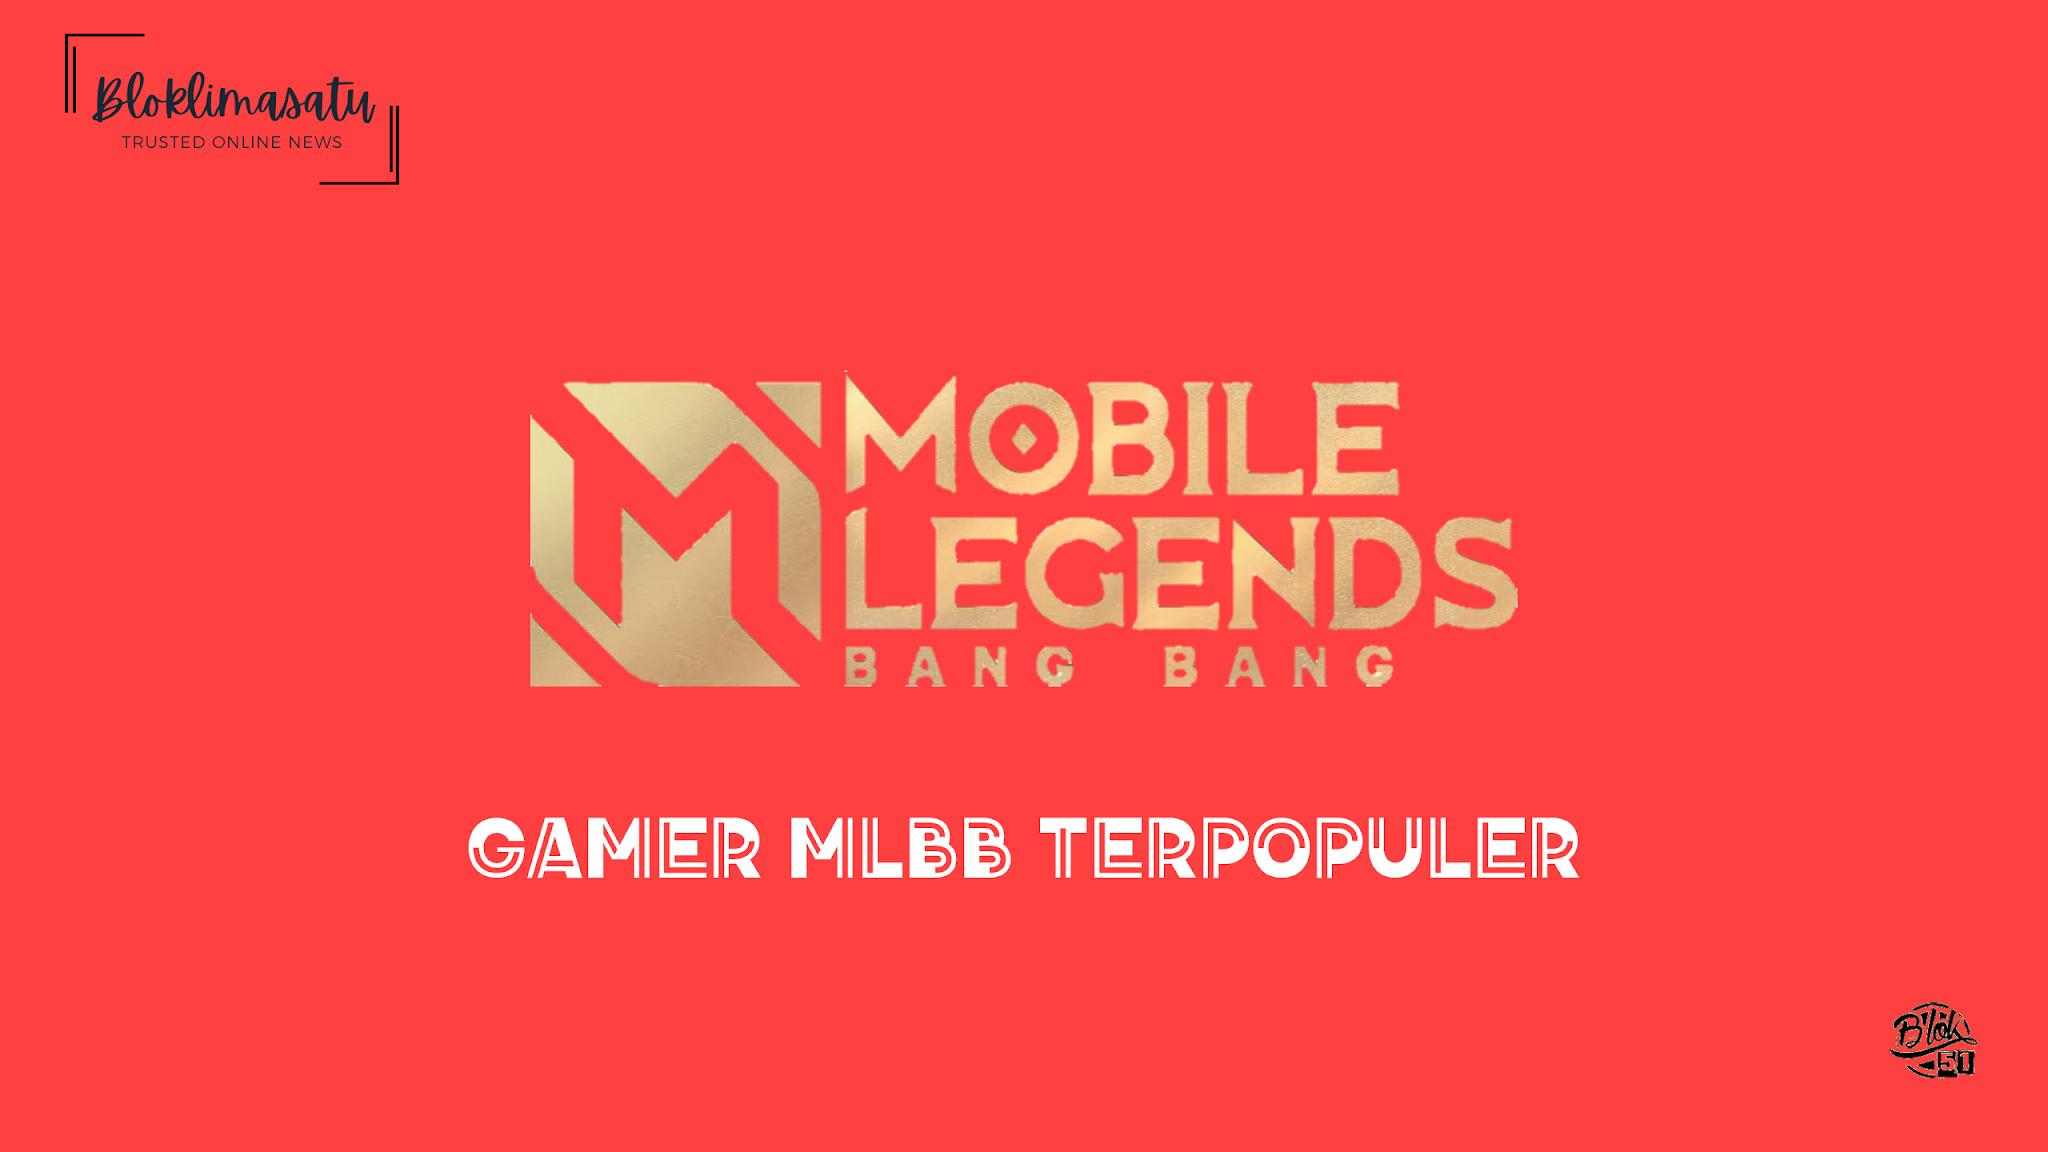 Daftar pro player mobile legend hari ini